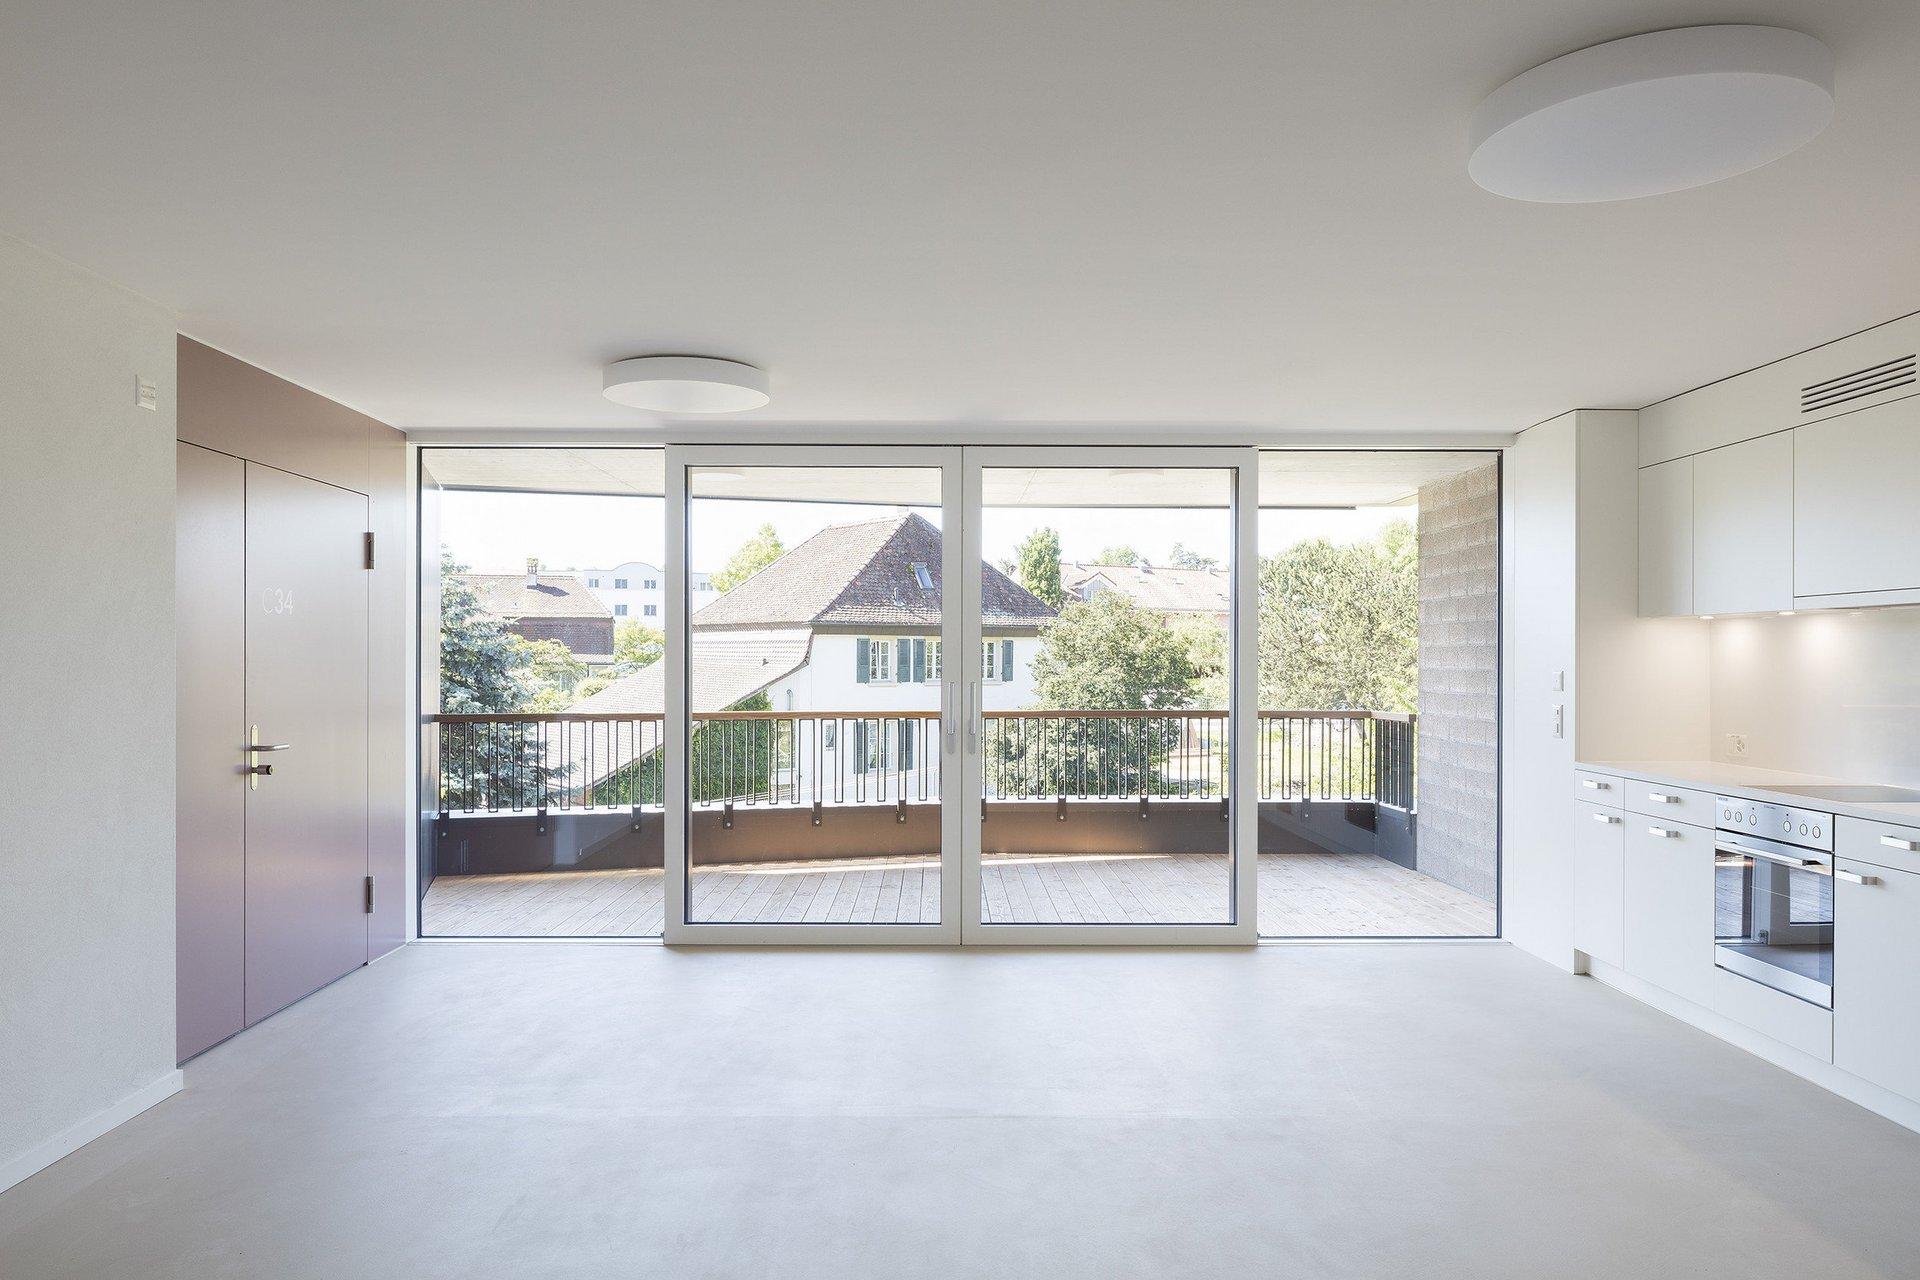 raumhohe Holz-Metallfenster mit Tür für lichtdurchfluteten Raum